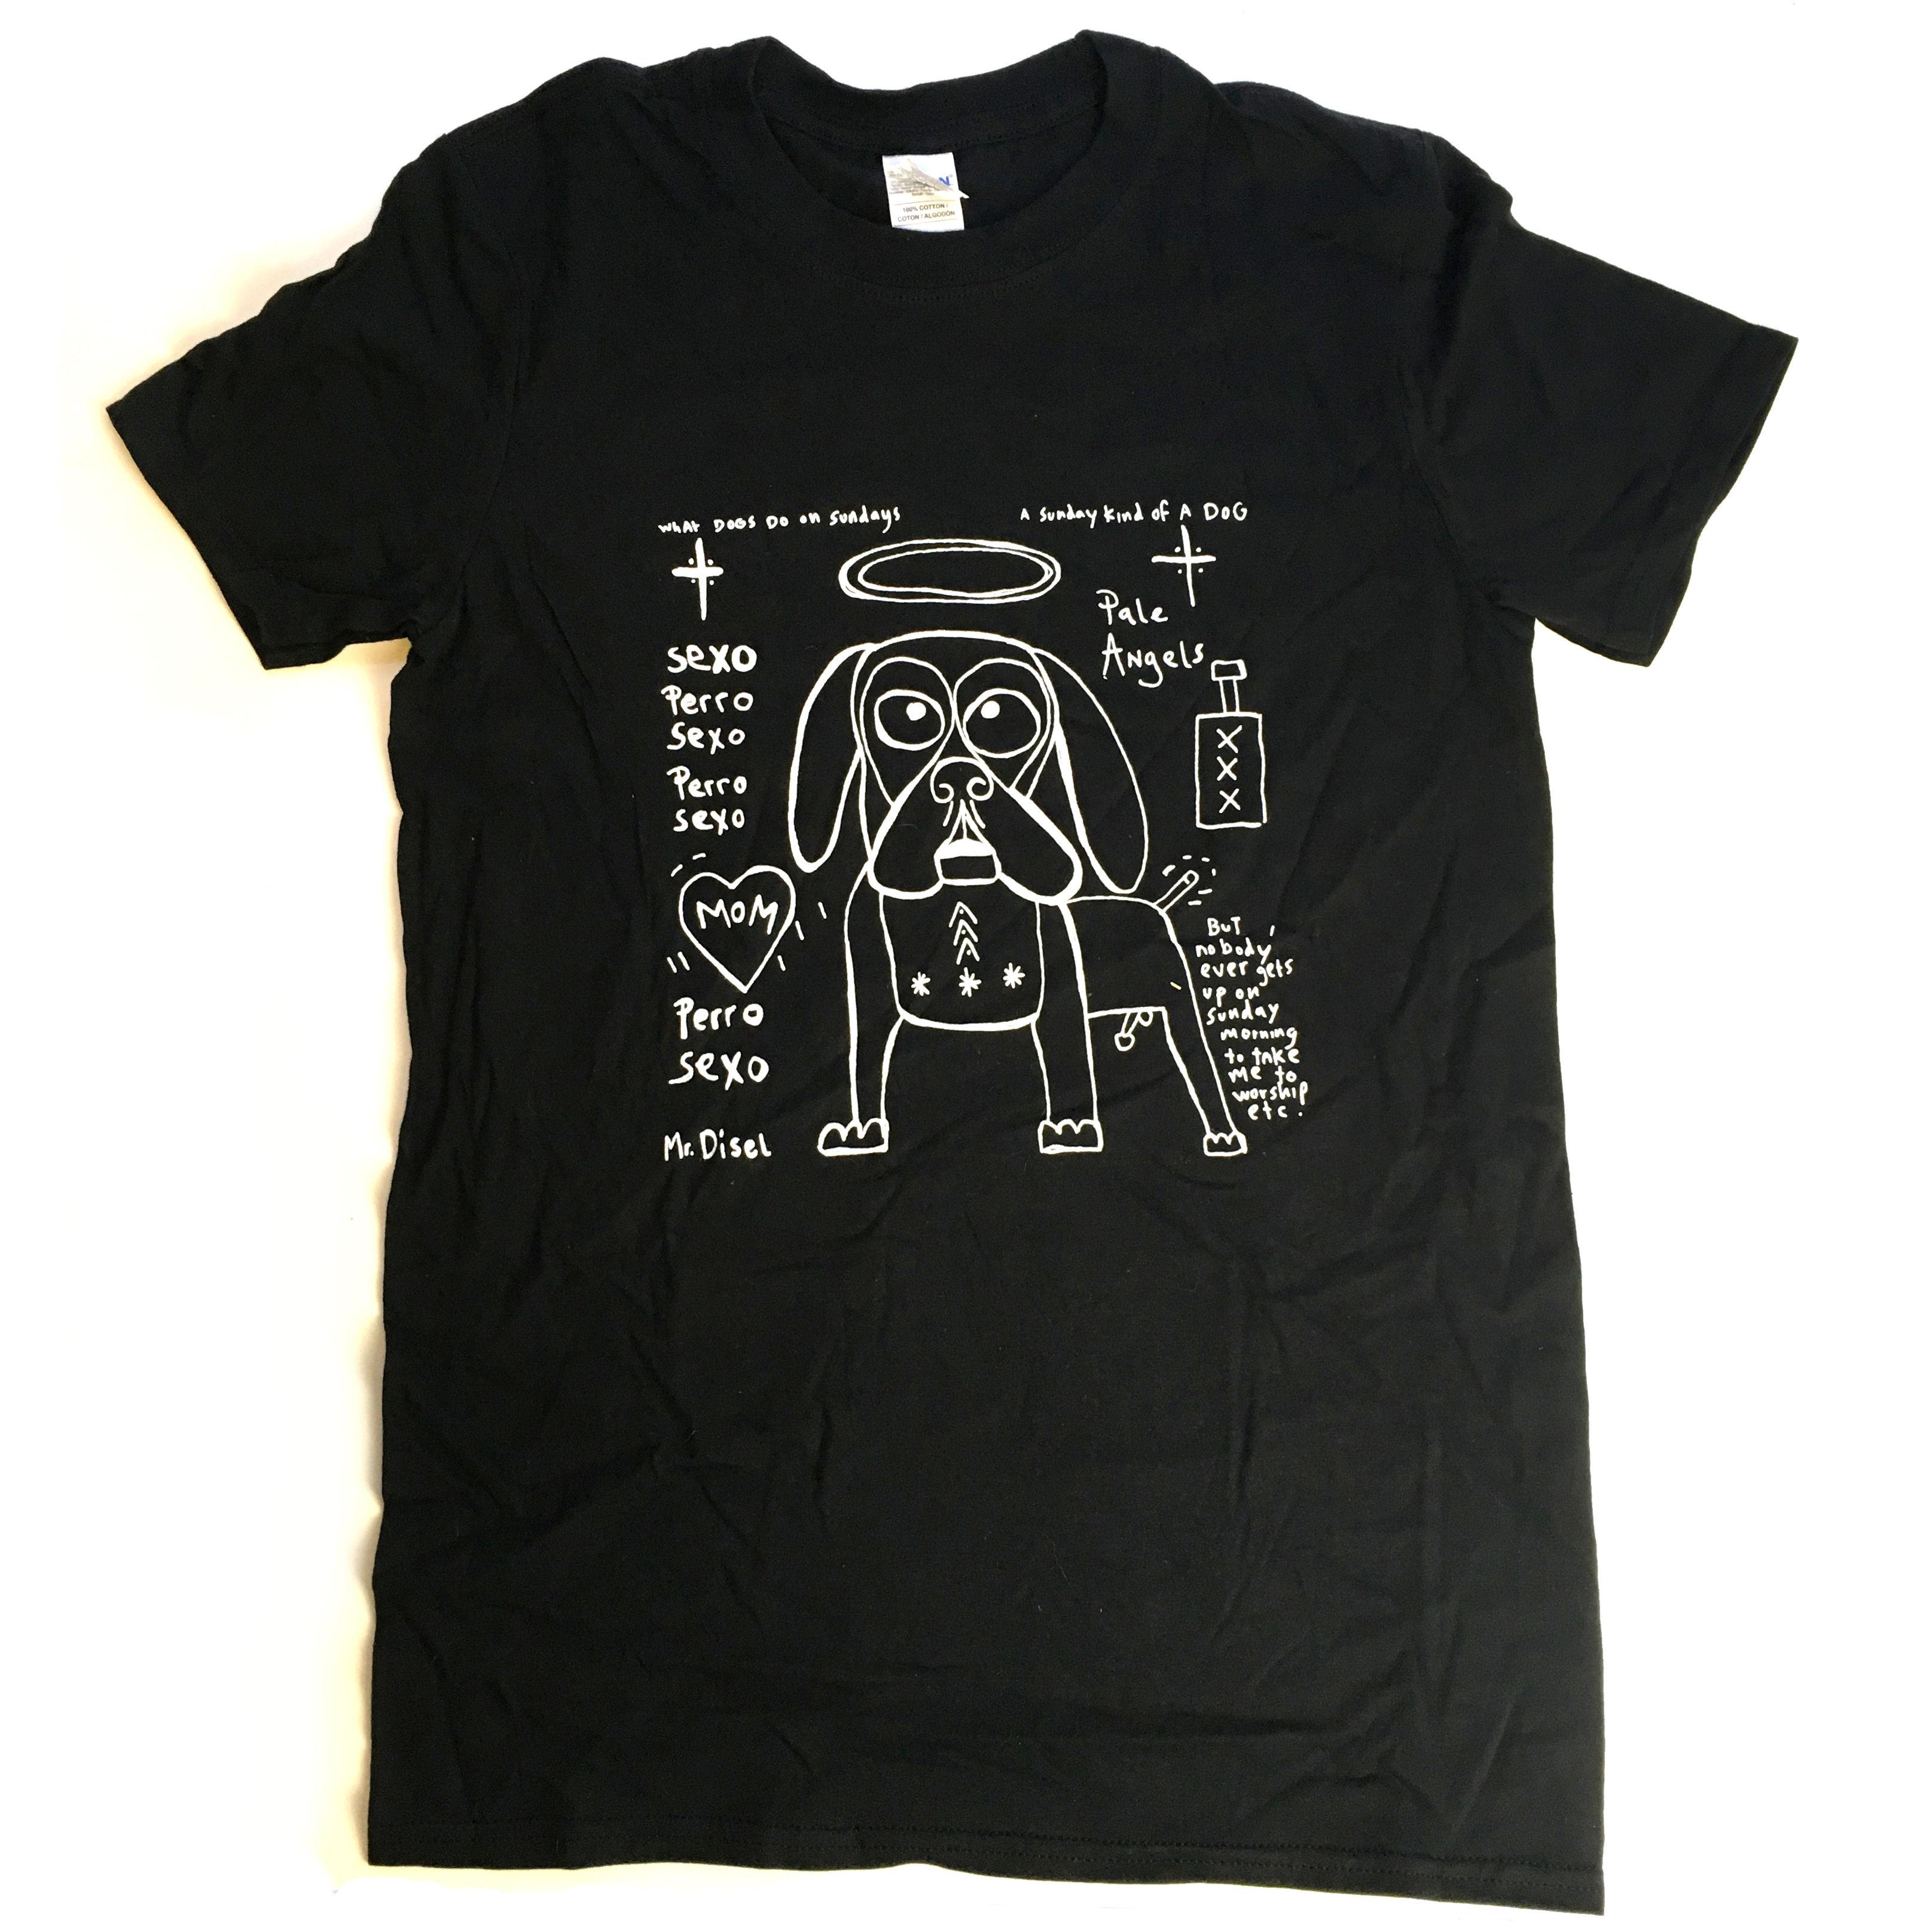 Pale Angels - 'Dog Sunday' Shirt